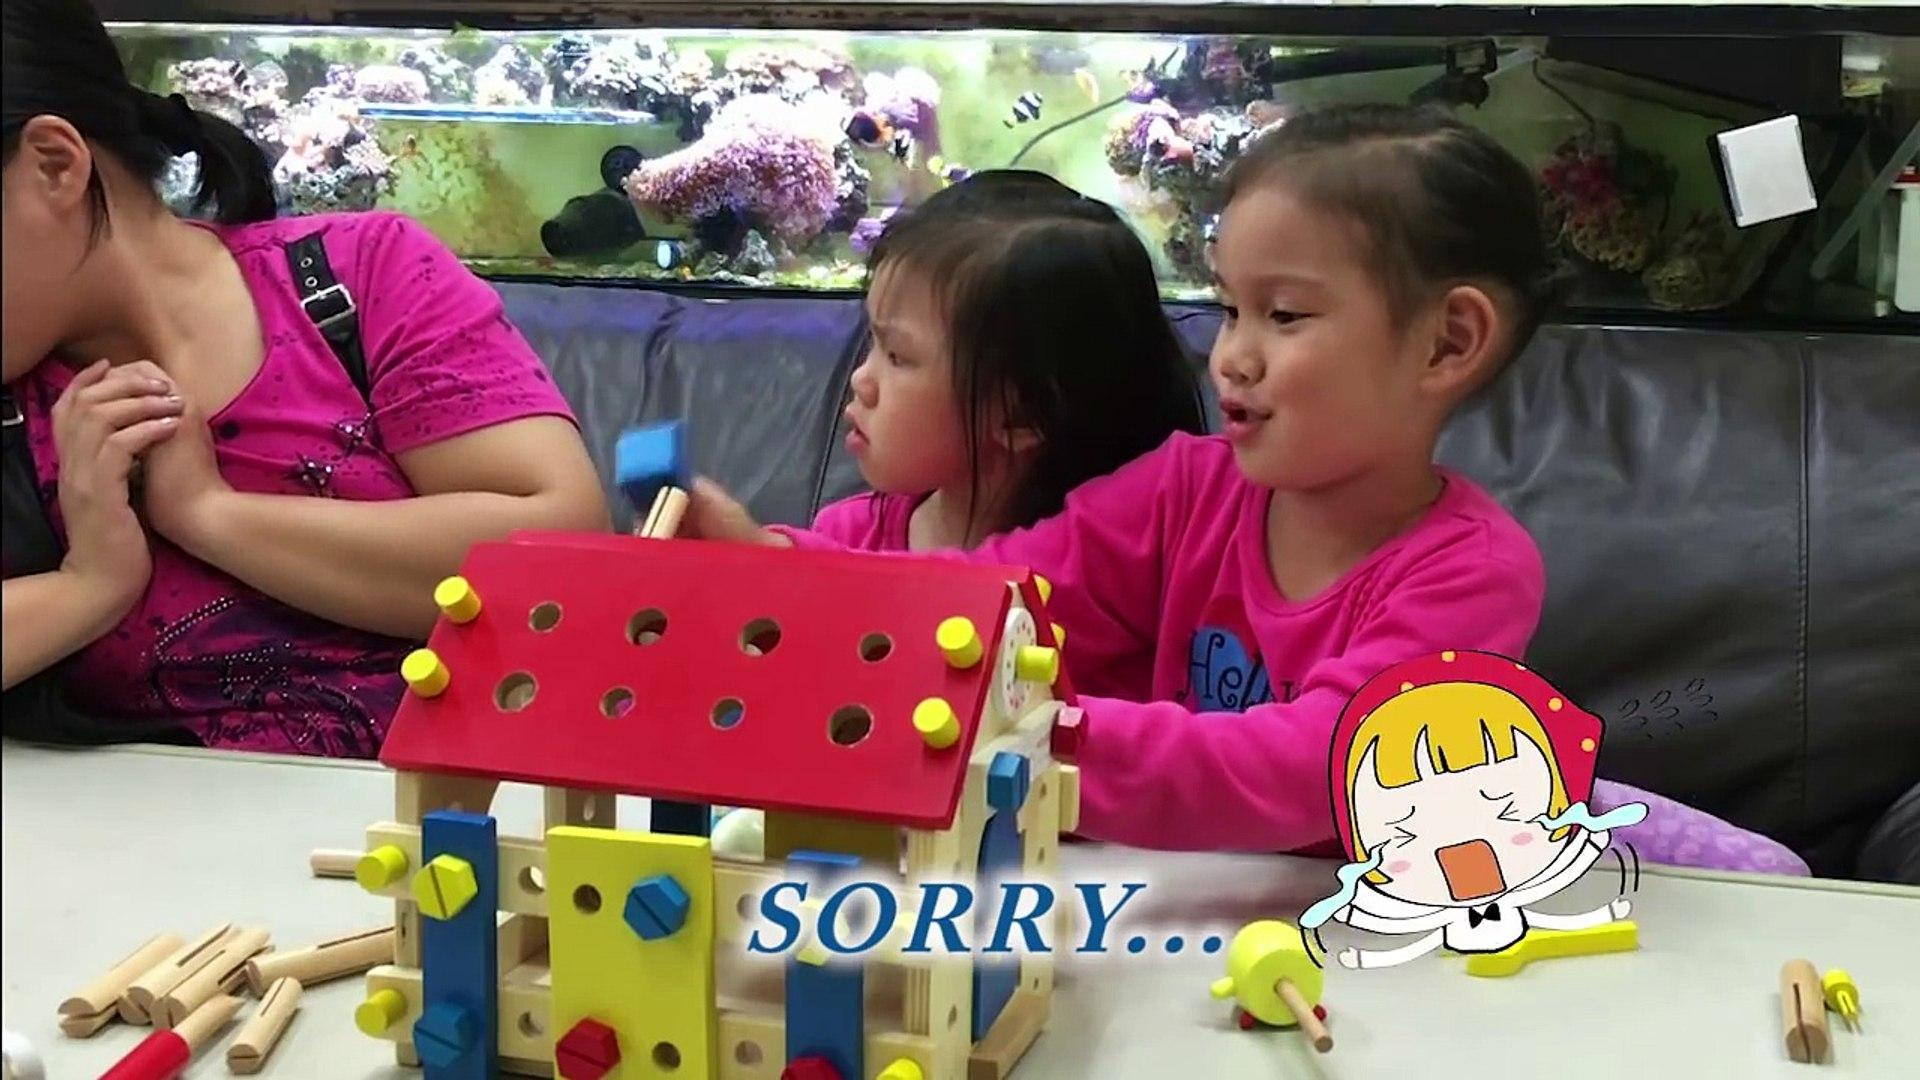 玩具木頭房子 敲敲打打原來是三隻小豬的房子 親子手作玩具分享 動手DIY玩具組裝  Wooden Screw House Club house就在Sunny Yummy Kids TOYs